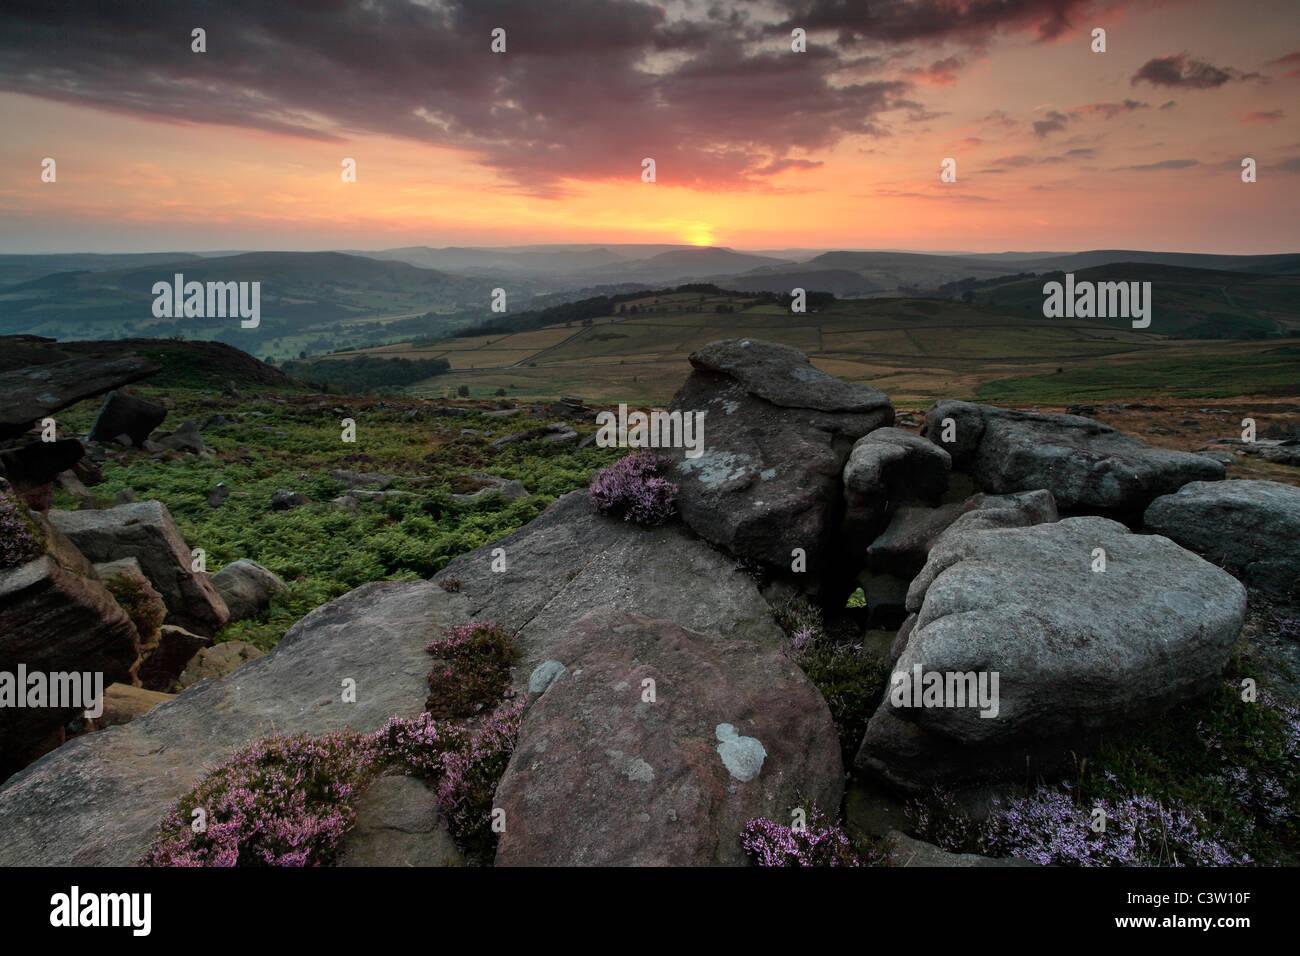 Sonnenuntergang über die felsige Landschaft des Peak District in der Nähe von Owler-Tor in der Nähe Stockbild